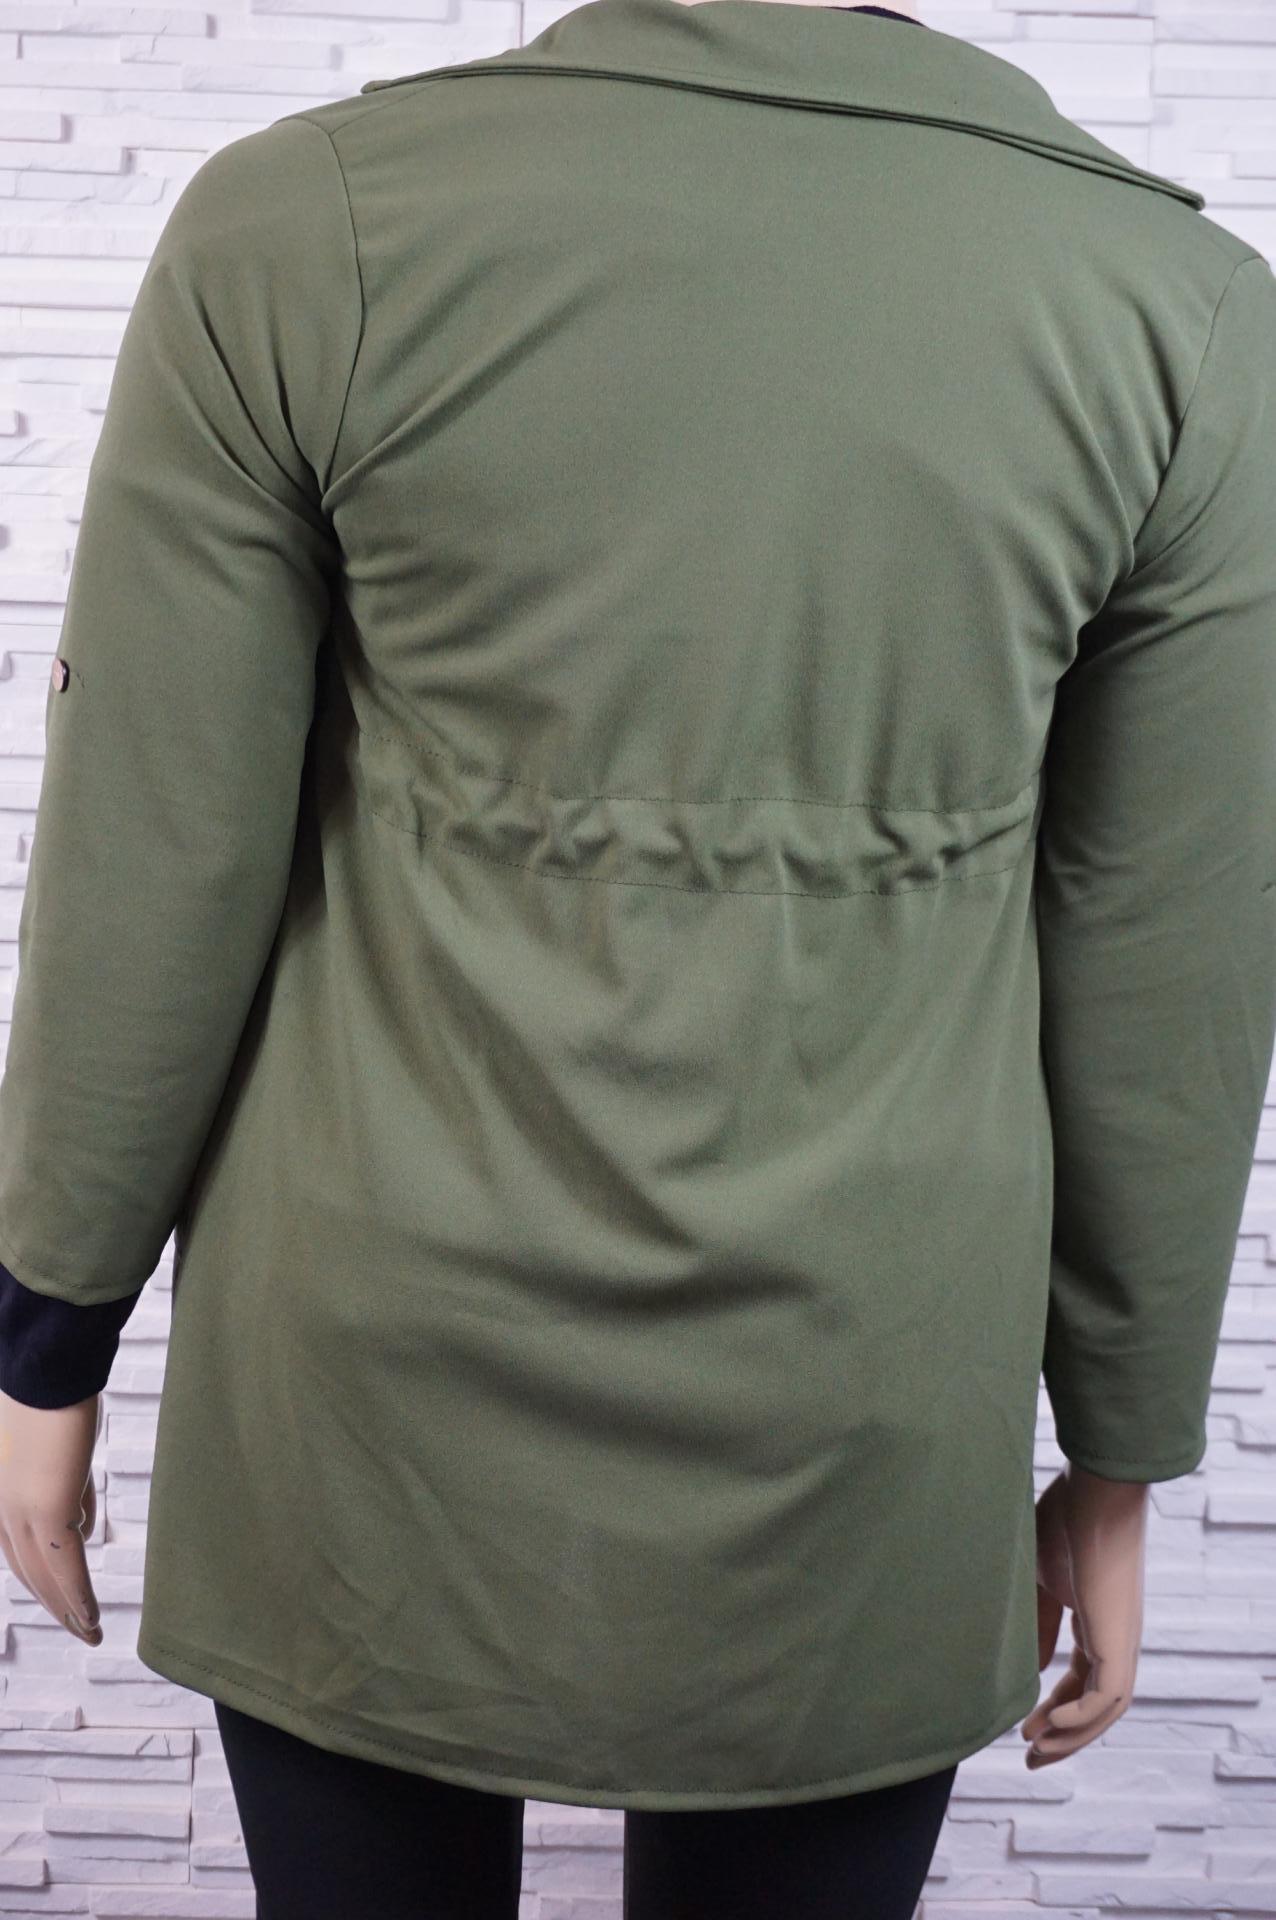 Veste-chemise sans boutons.